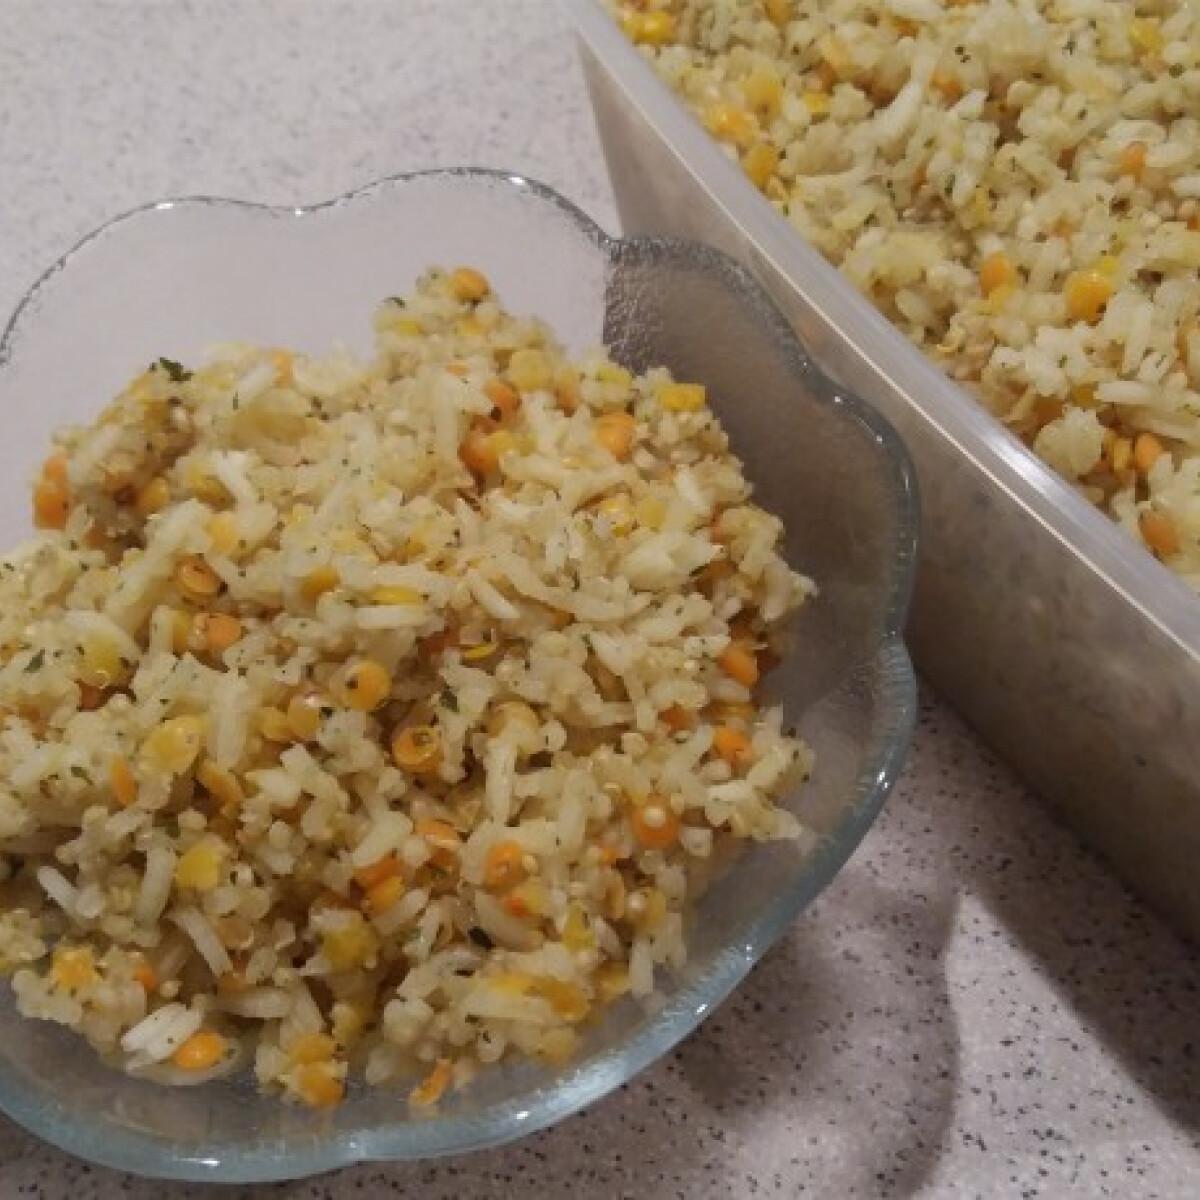 Quinoás jázmin rizs vöröslencsével